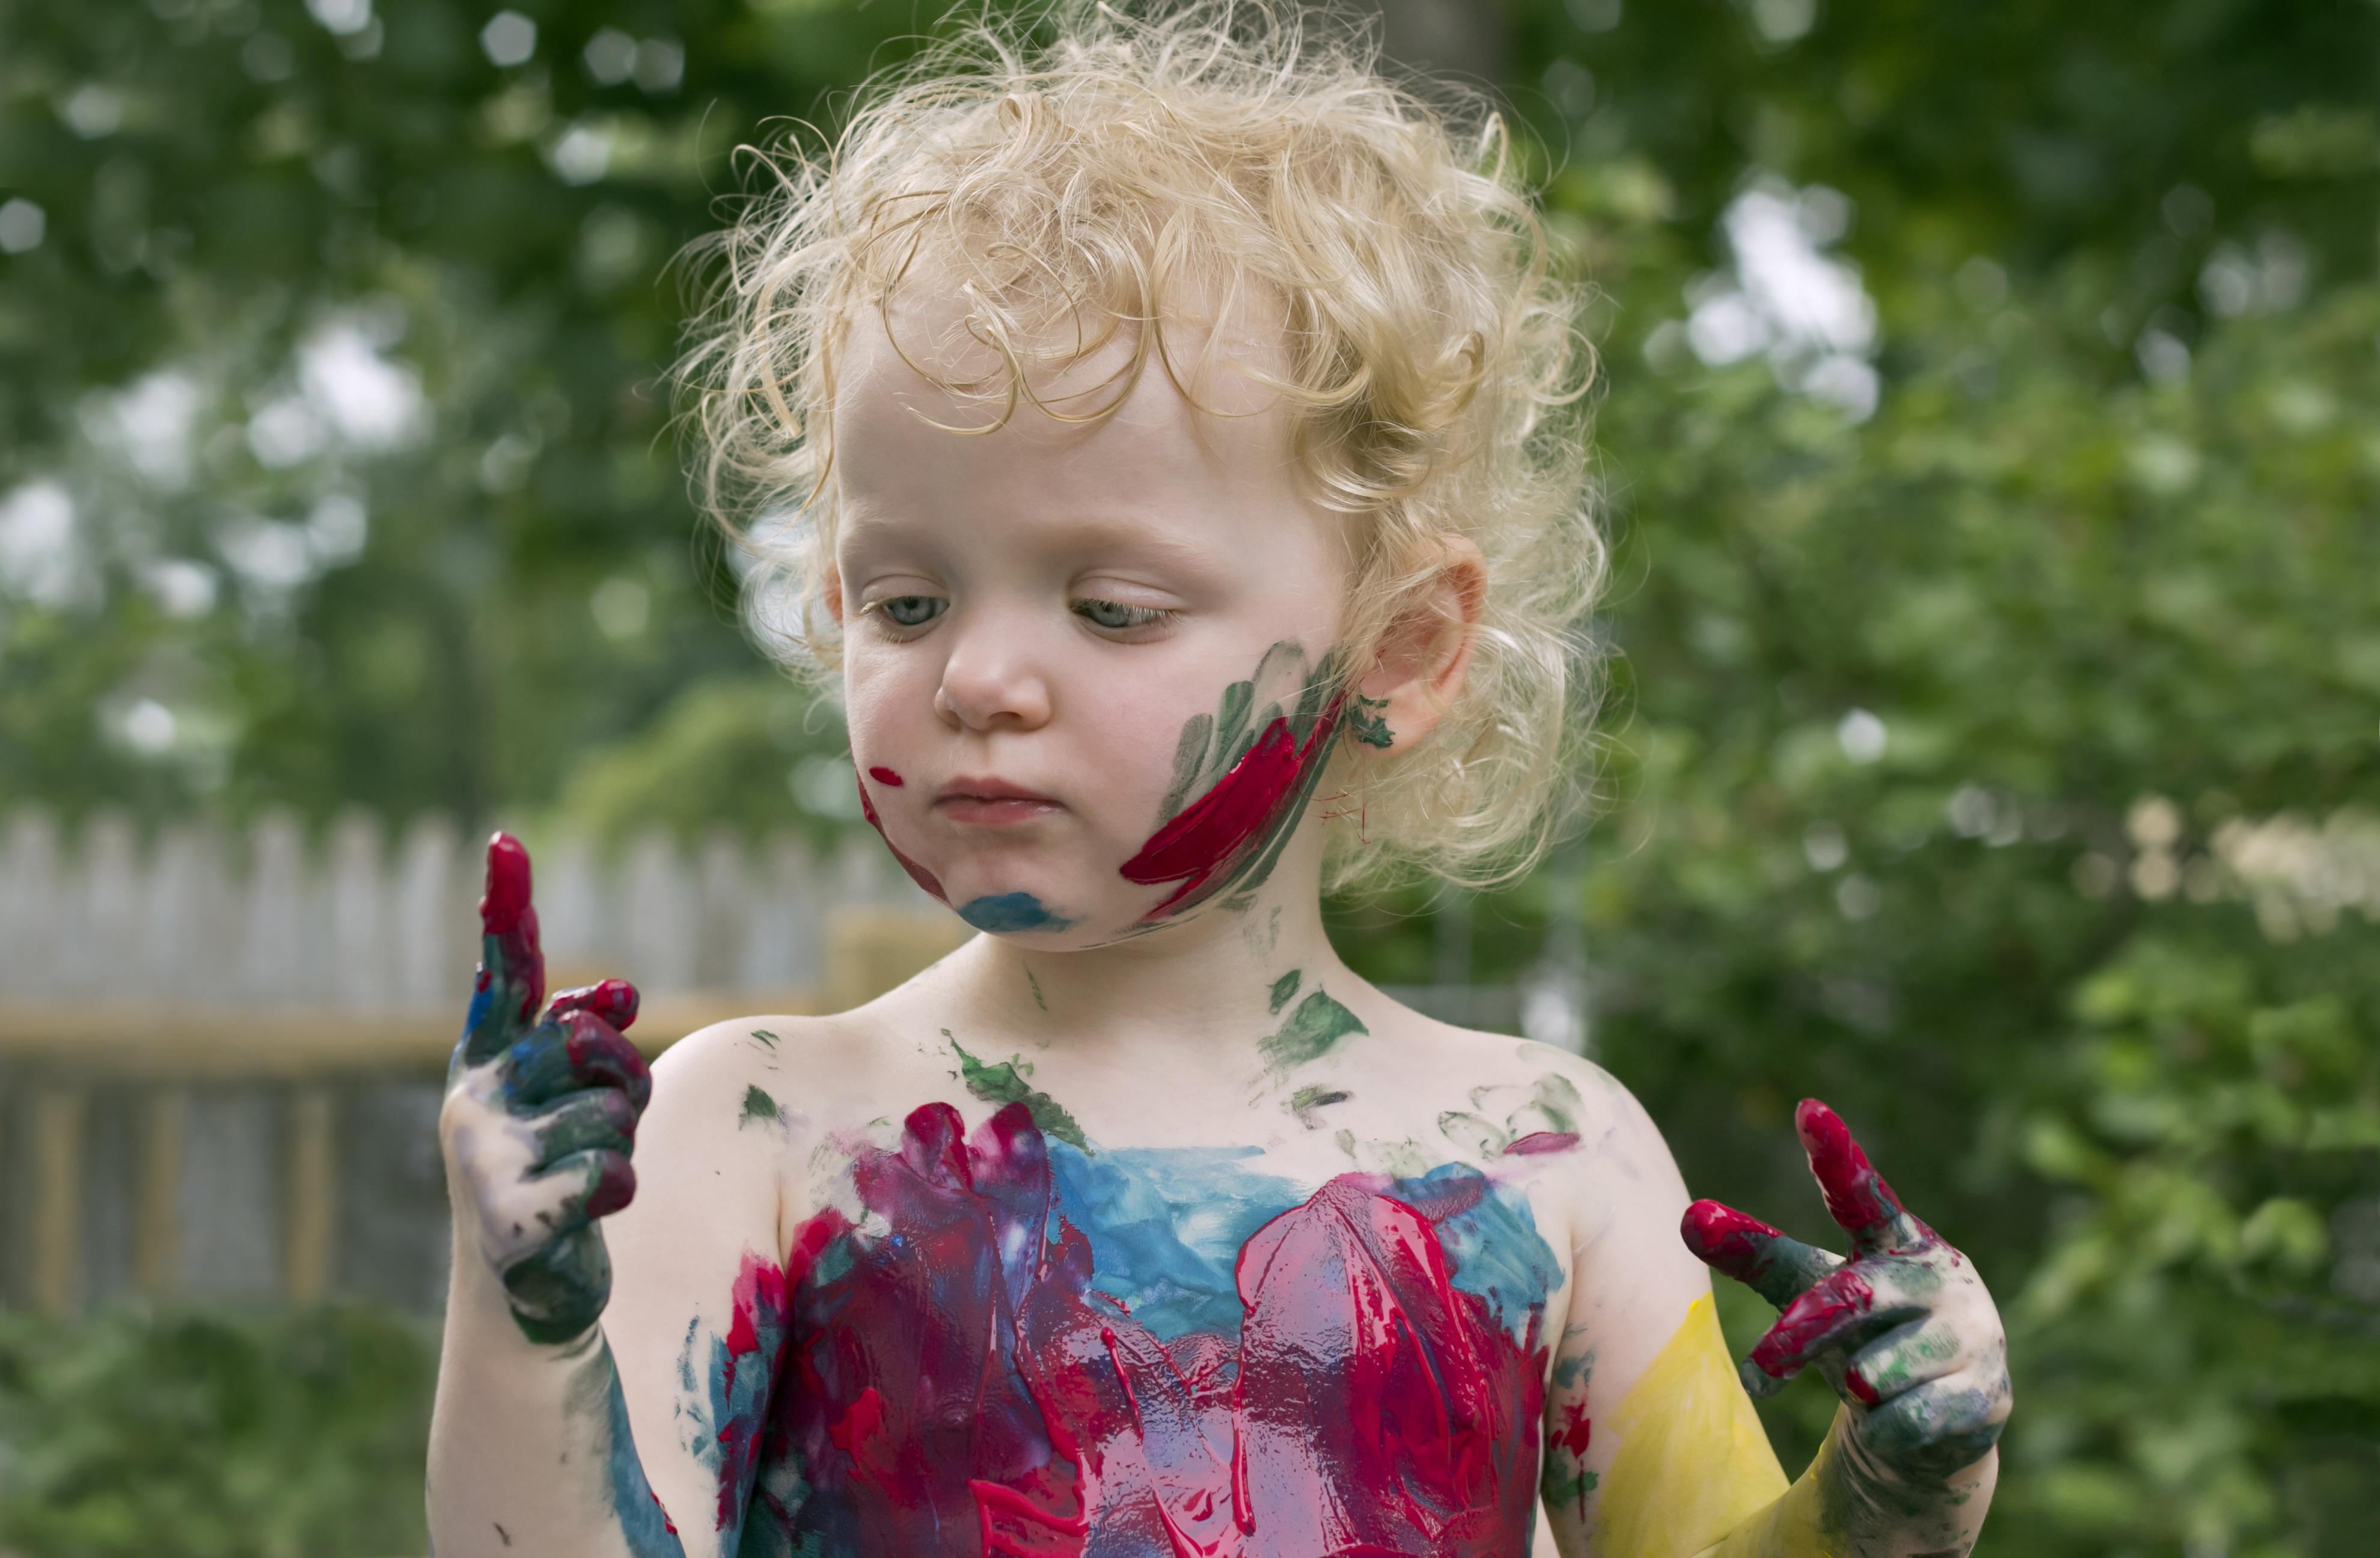 Uma criança precisa de aulinhas ou explorar e fazer descobertas?